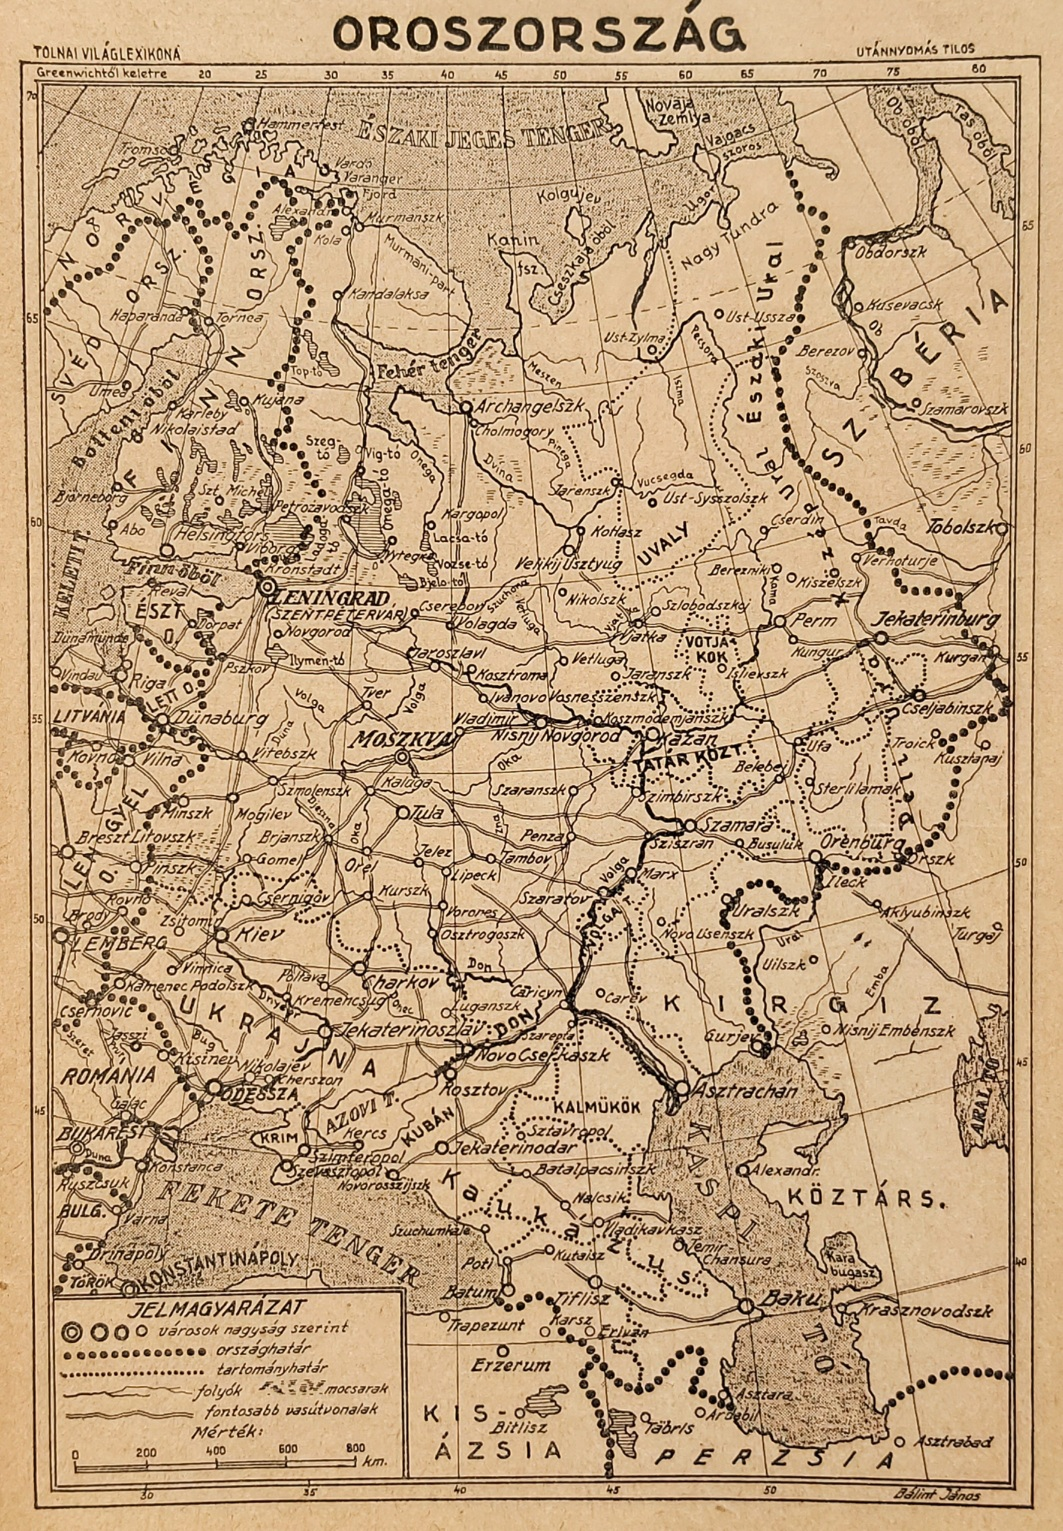 Oroszország eredeti régi nyomat